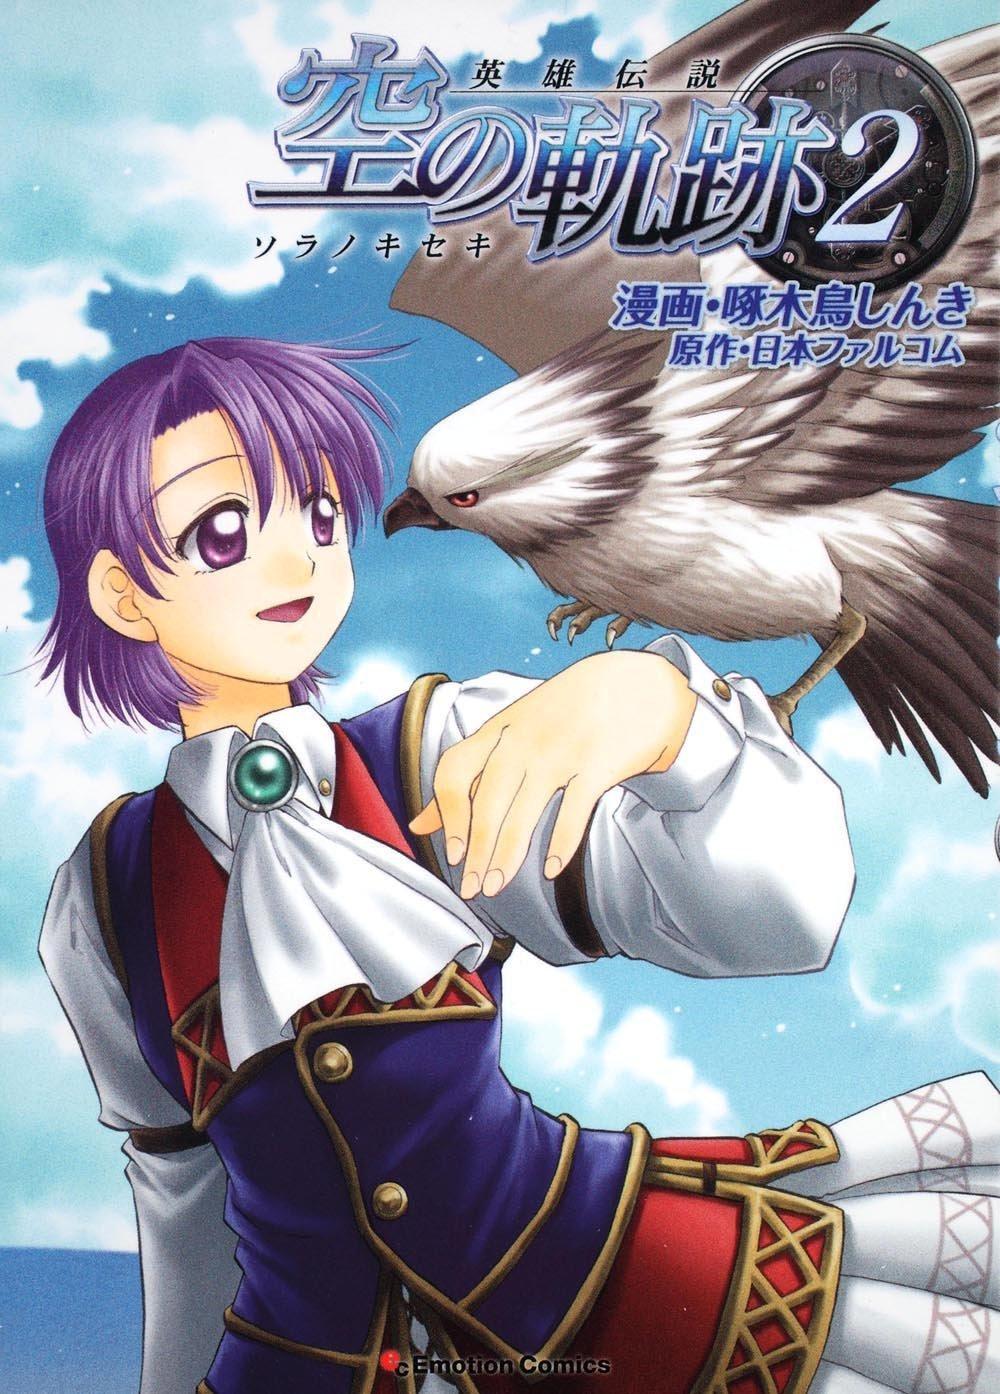 Eiyû Densetsu - Sora no Kiseki 2